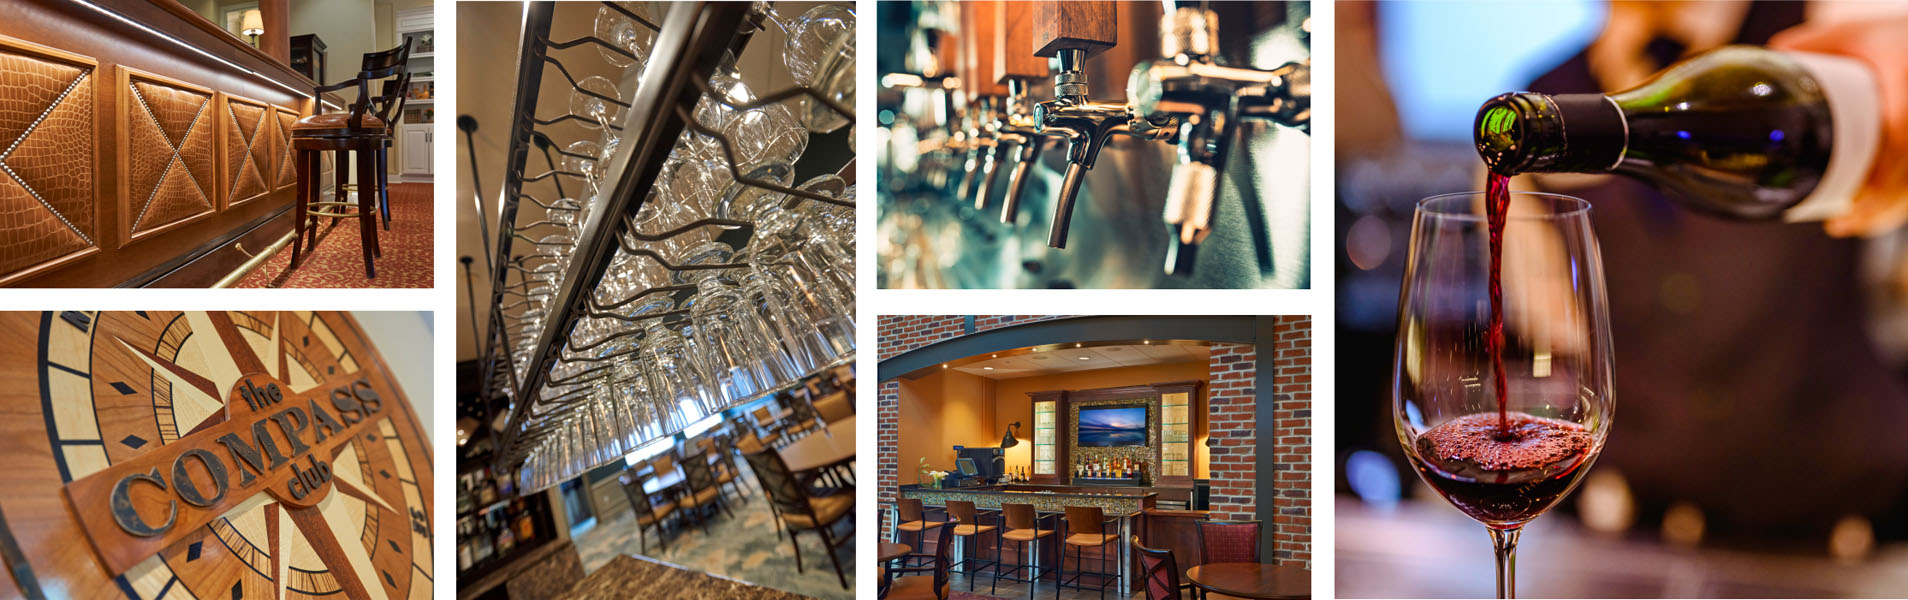 collage of photos taken at bars